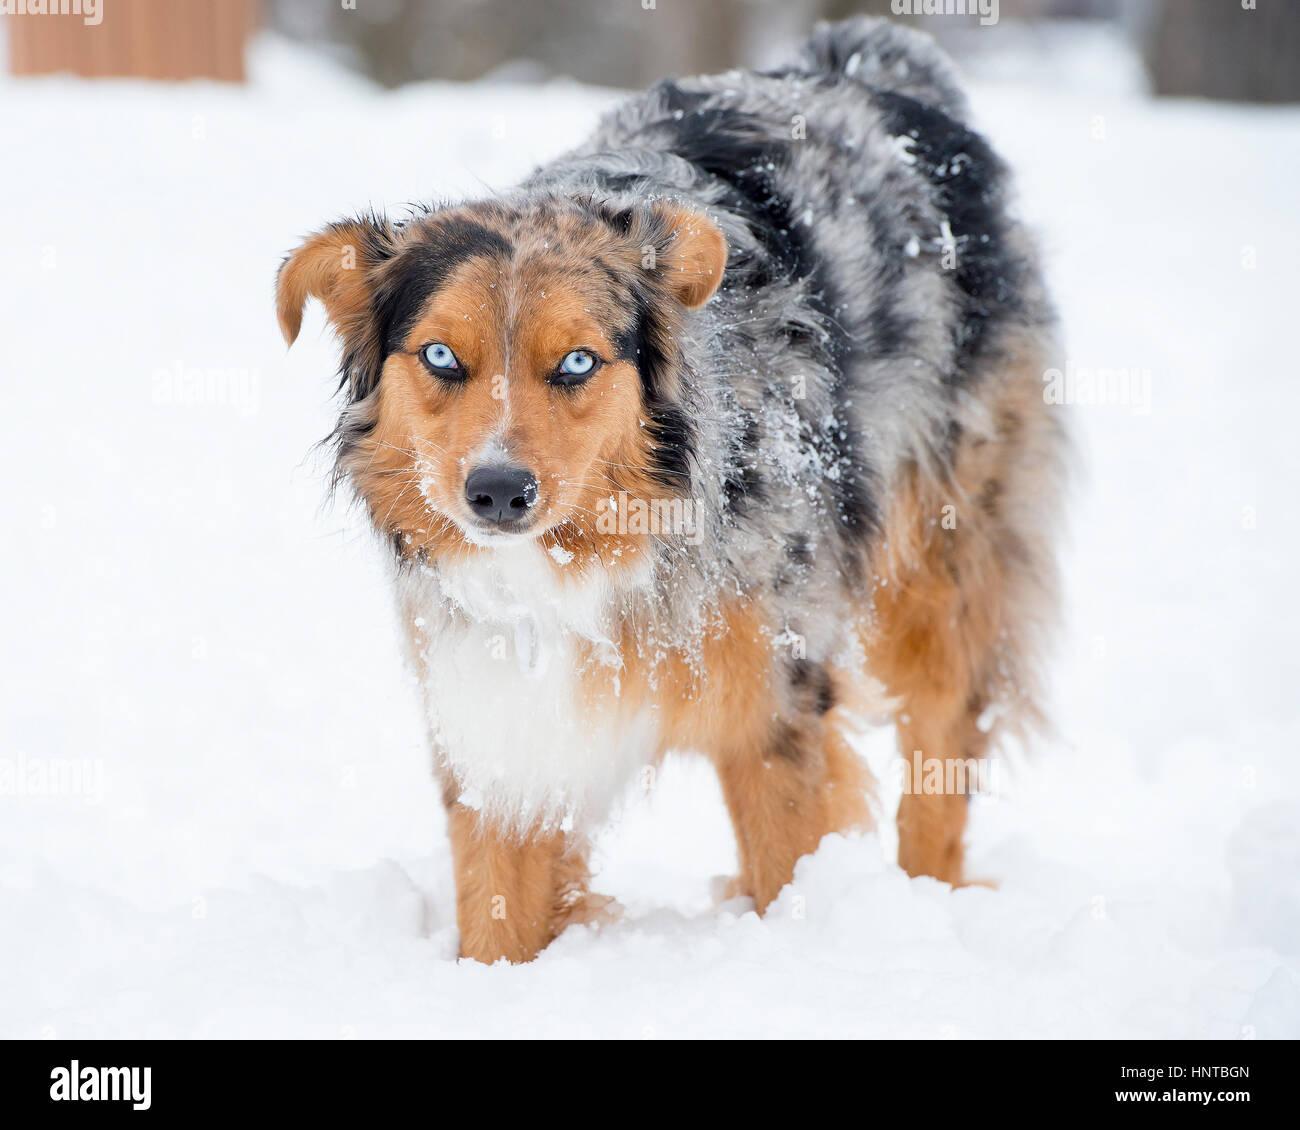 Impresionante tri-color de ojos azules Shepard Pastor Australiano Aussie de perro en la nieve mirando a la cámara Imagen De Stock